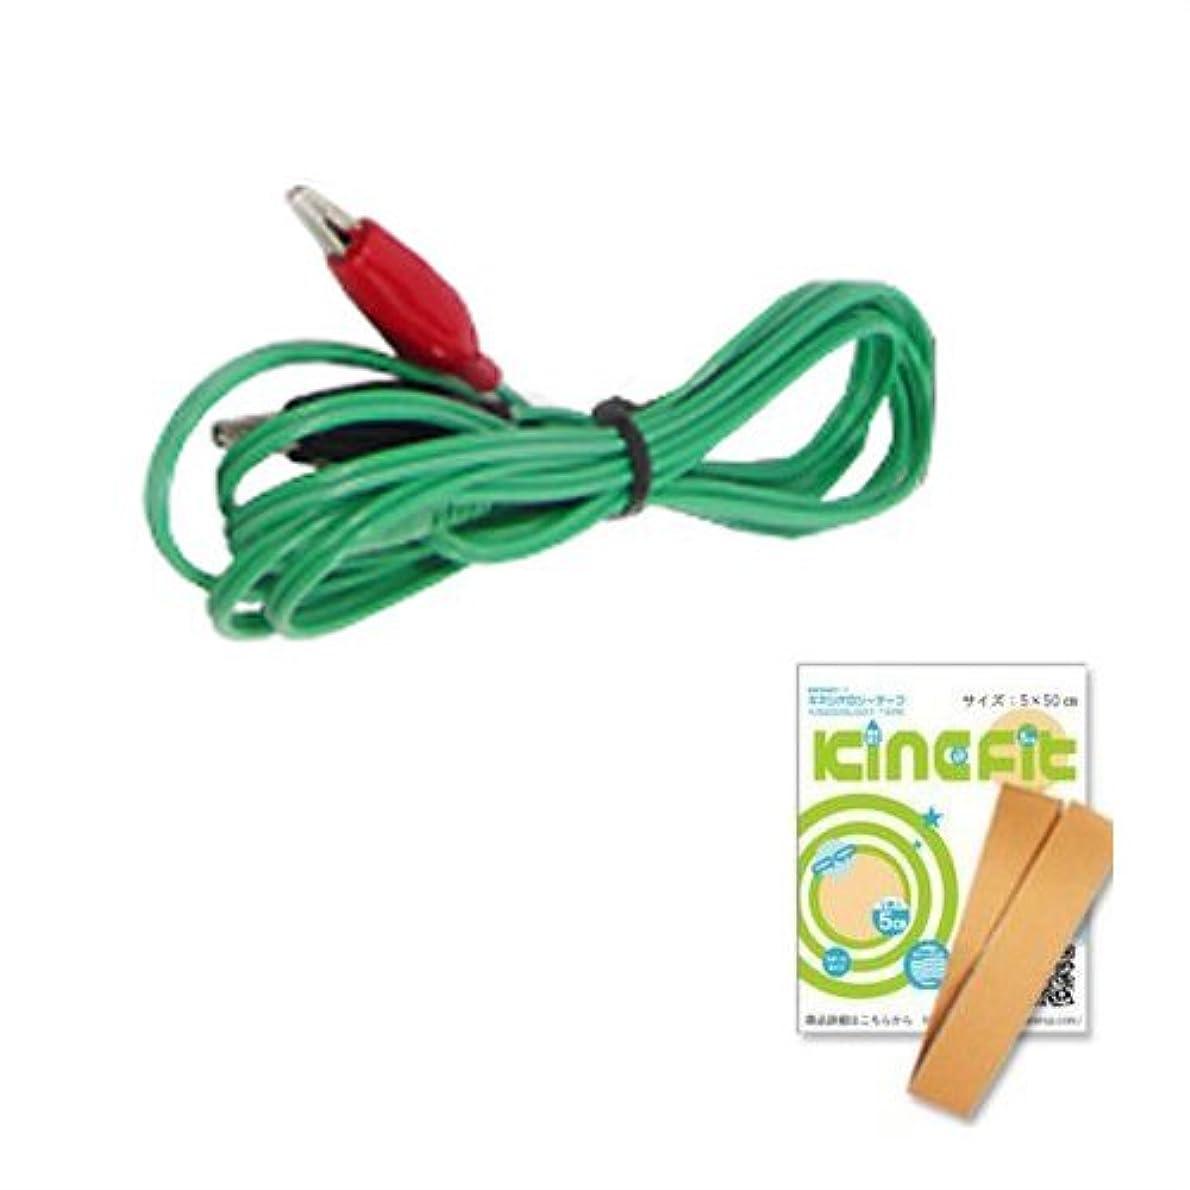 アダルト運ぶ牽引ラスパーエース(Lasper-A) 新通電コード (グリーン) 1本 KE-116E + キネフィットお試し用5cm×50cm付